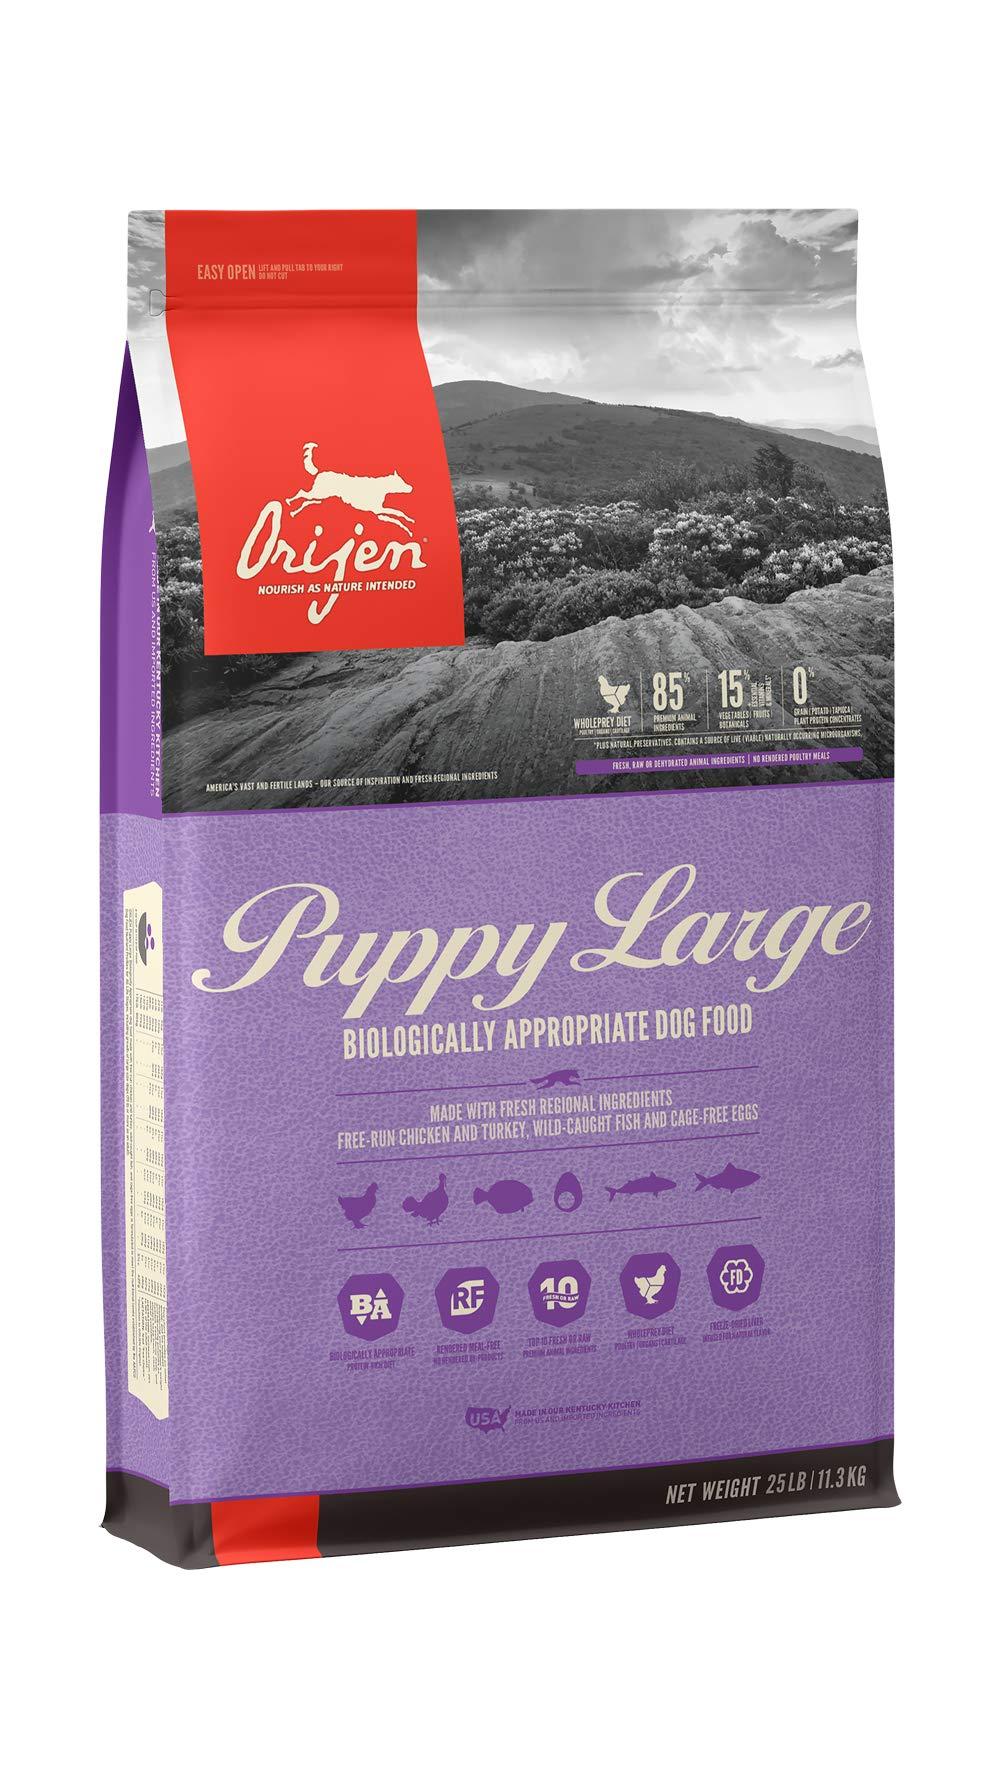 ORIJEN Dry Dog Food, Puppy Large, Biologically Appropriate & Grain Free by Orijen